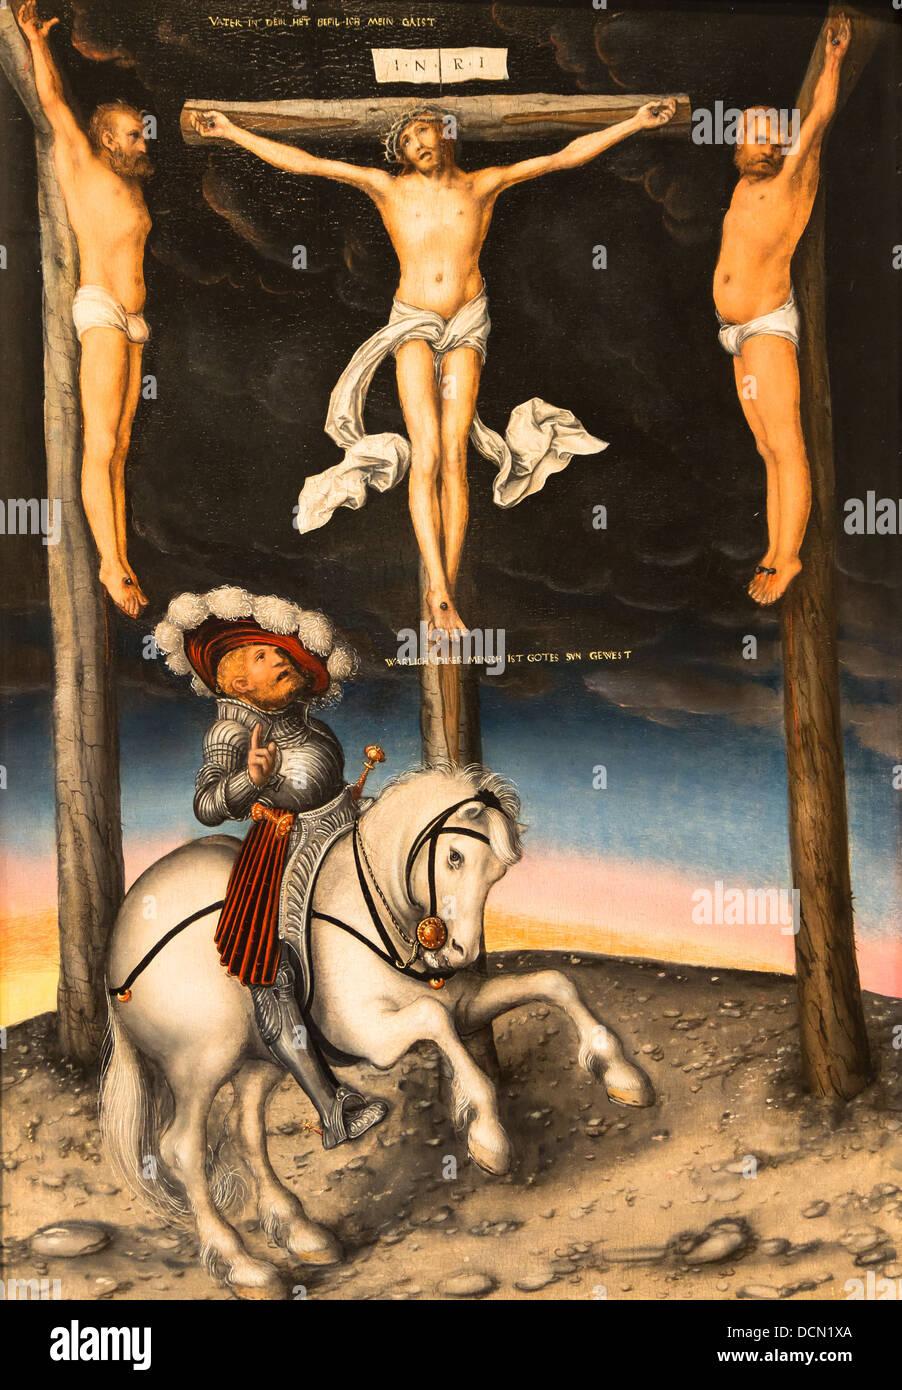 Xvi secolo - Crocifissione con il centurione convertito - Lucas Cranach il Vecchio (1536) olio su pannello Immagini Stock